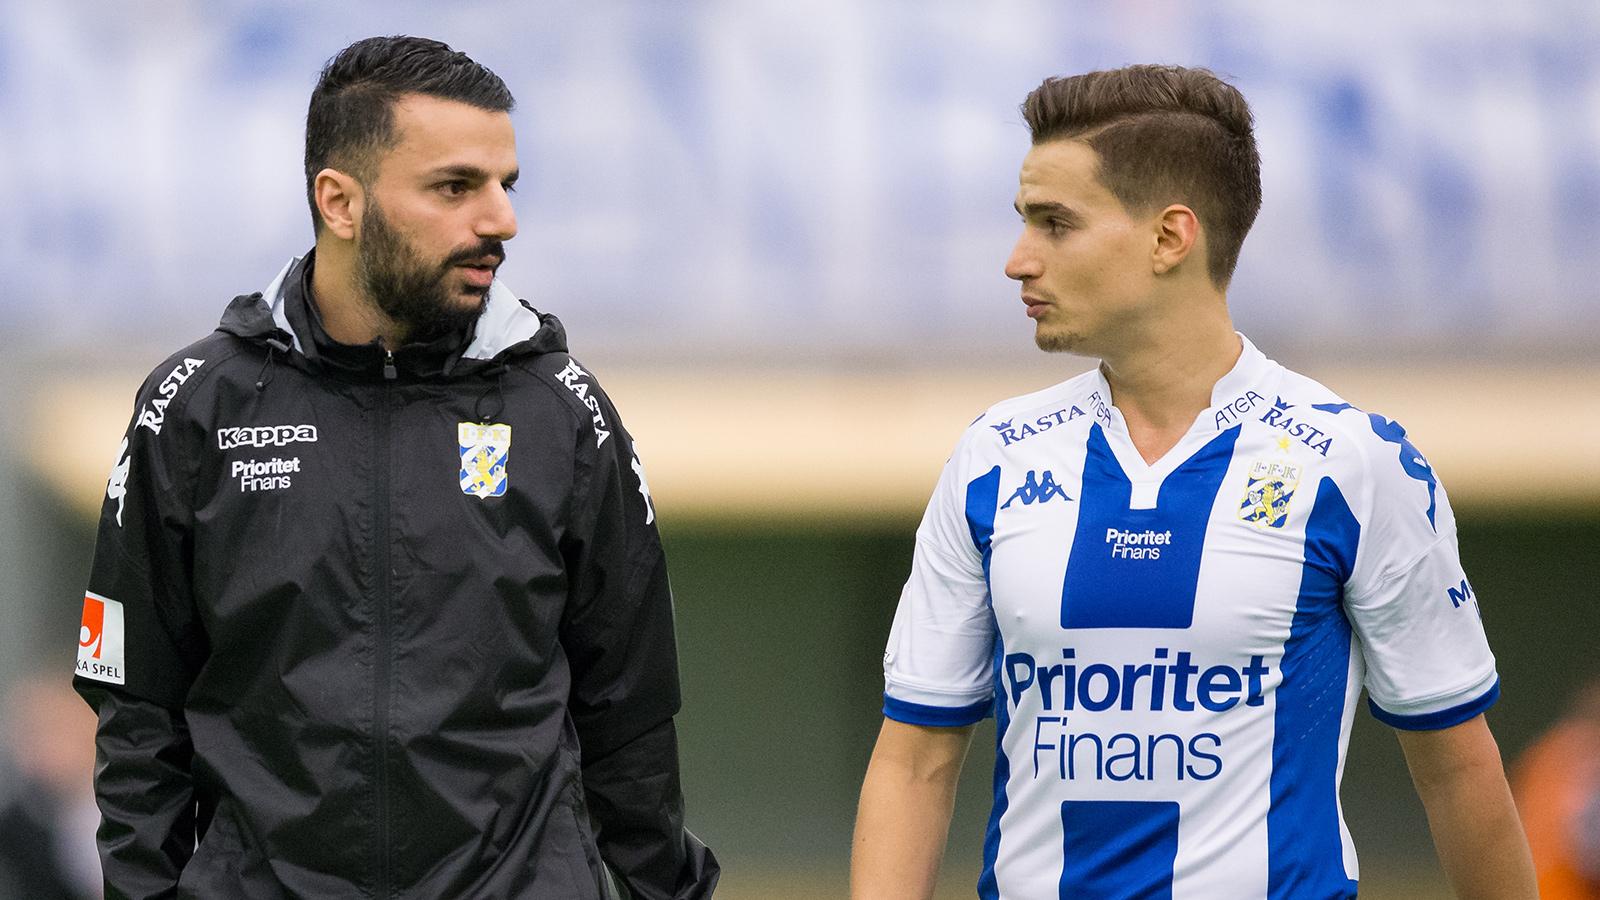 180127 IFK Göteborgs tränare Poya Asbaghi pratar med Amin Affane efter första halvleken under en träningsmatch i fotboll mellan IFK Göteborg och Stabaek den 27 januari 2018 i Göteborg.